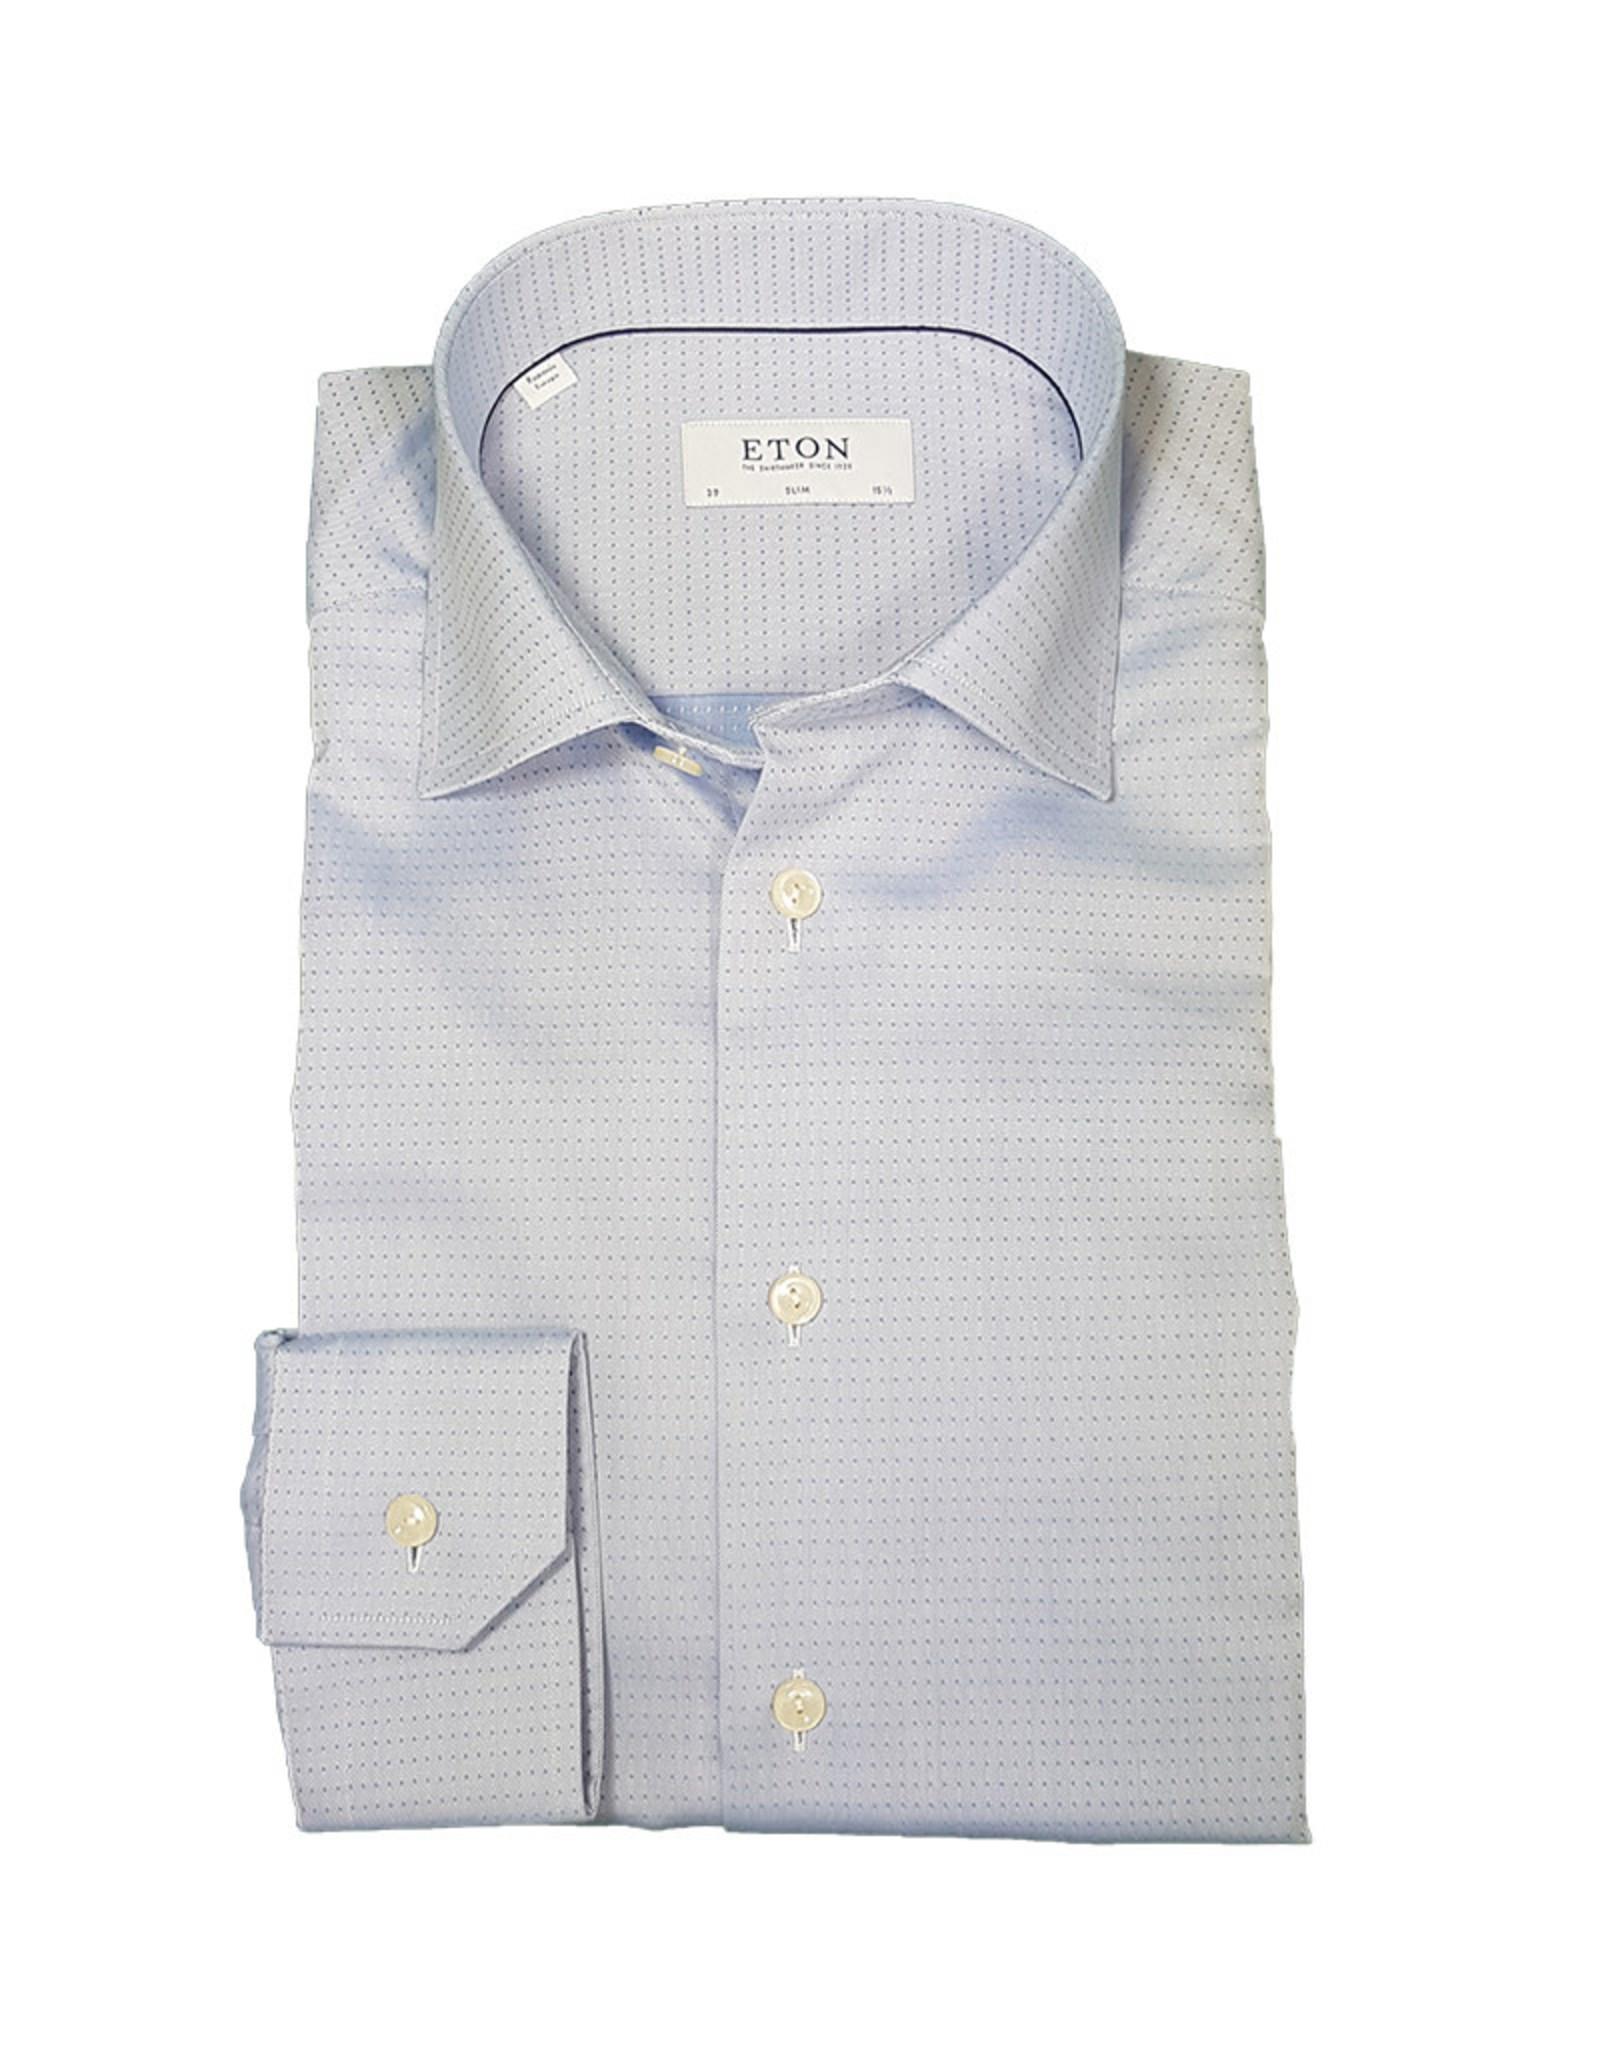 Eton Eton hemd lichtblauw gestipt Slim  3403-79511/22